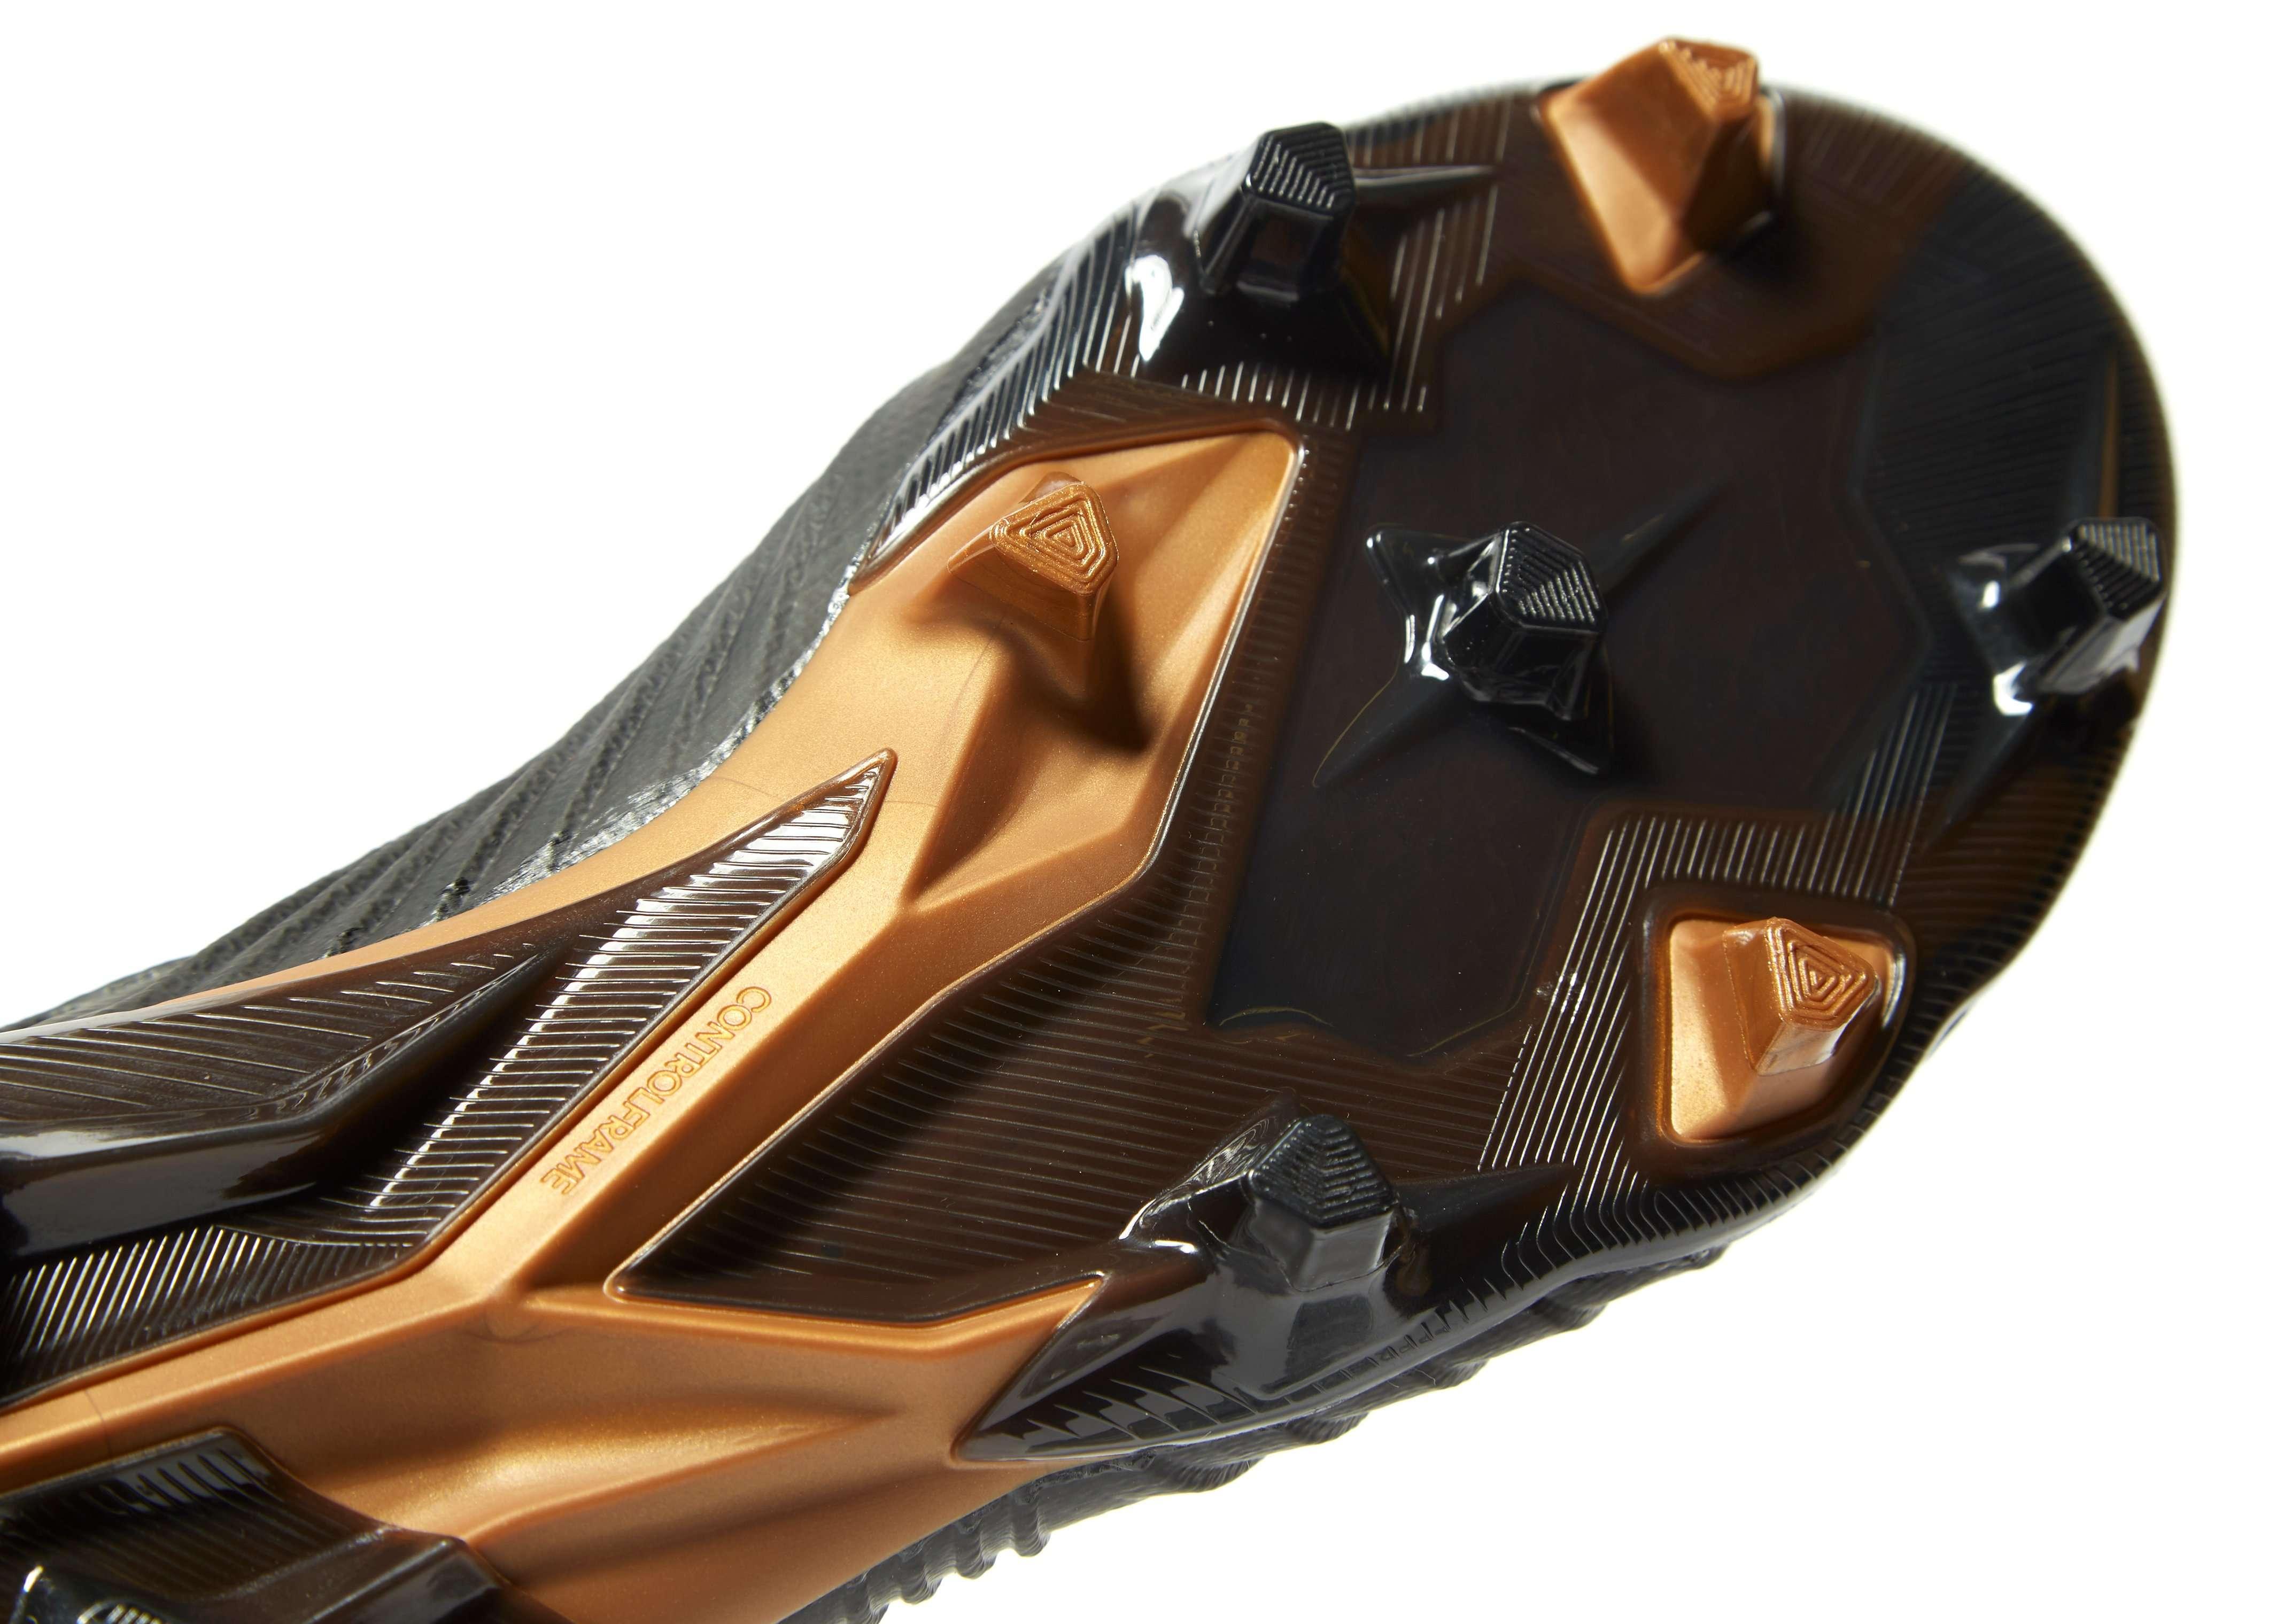 adidas SkyStalker Predator 18.1 FG